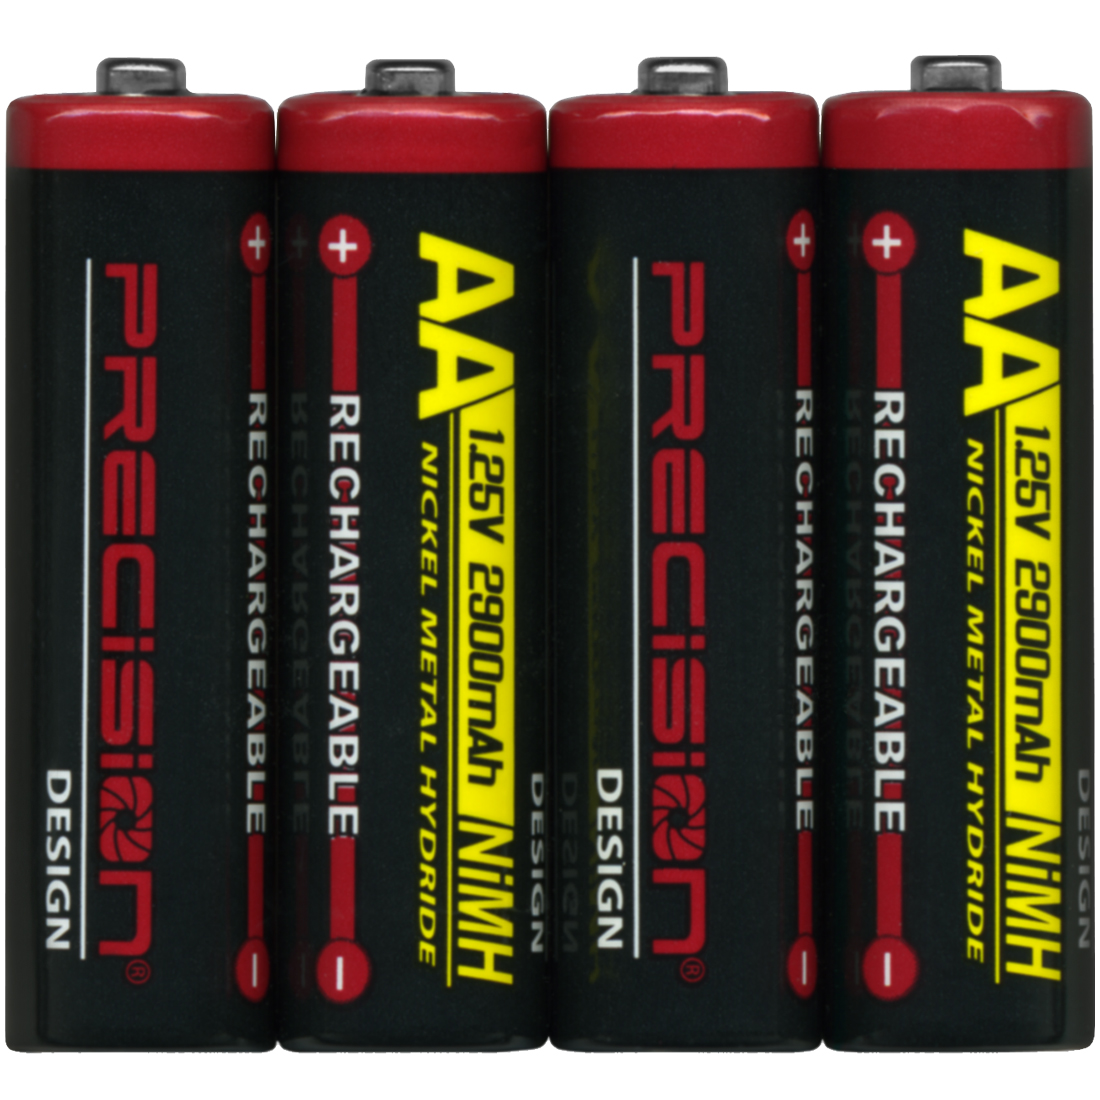 AA Rechargeable Batteries - Us zip code aa